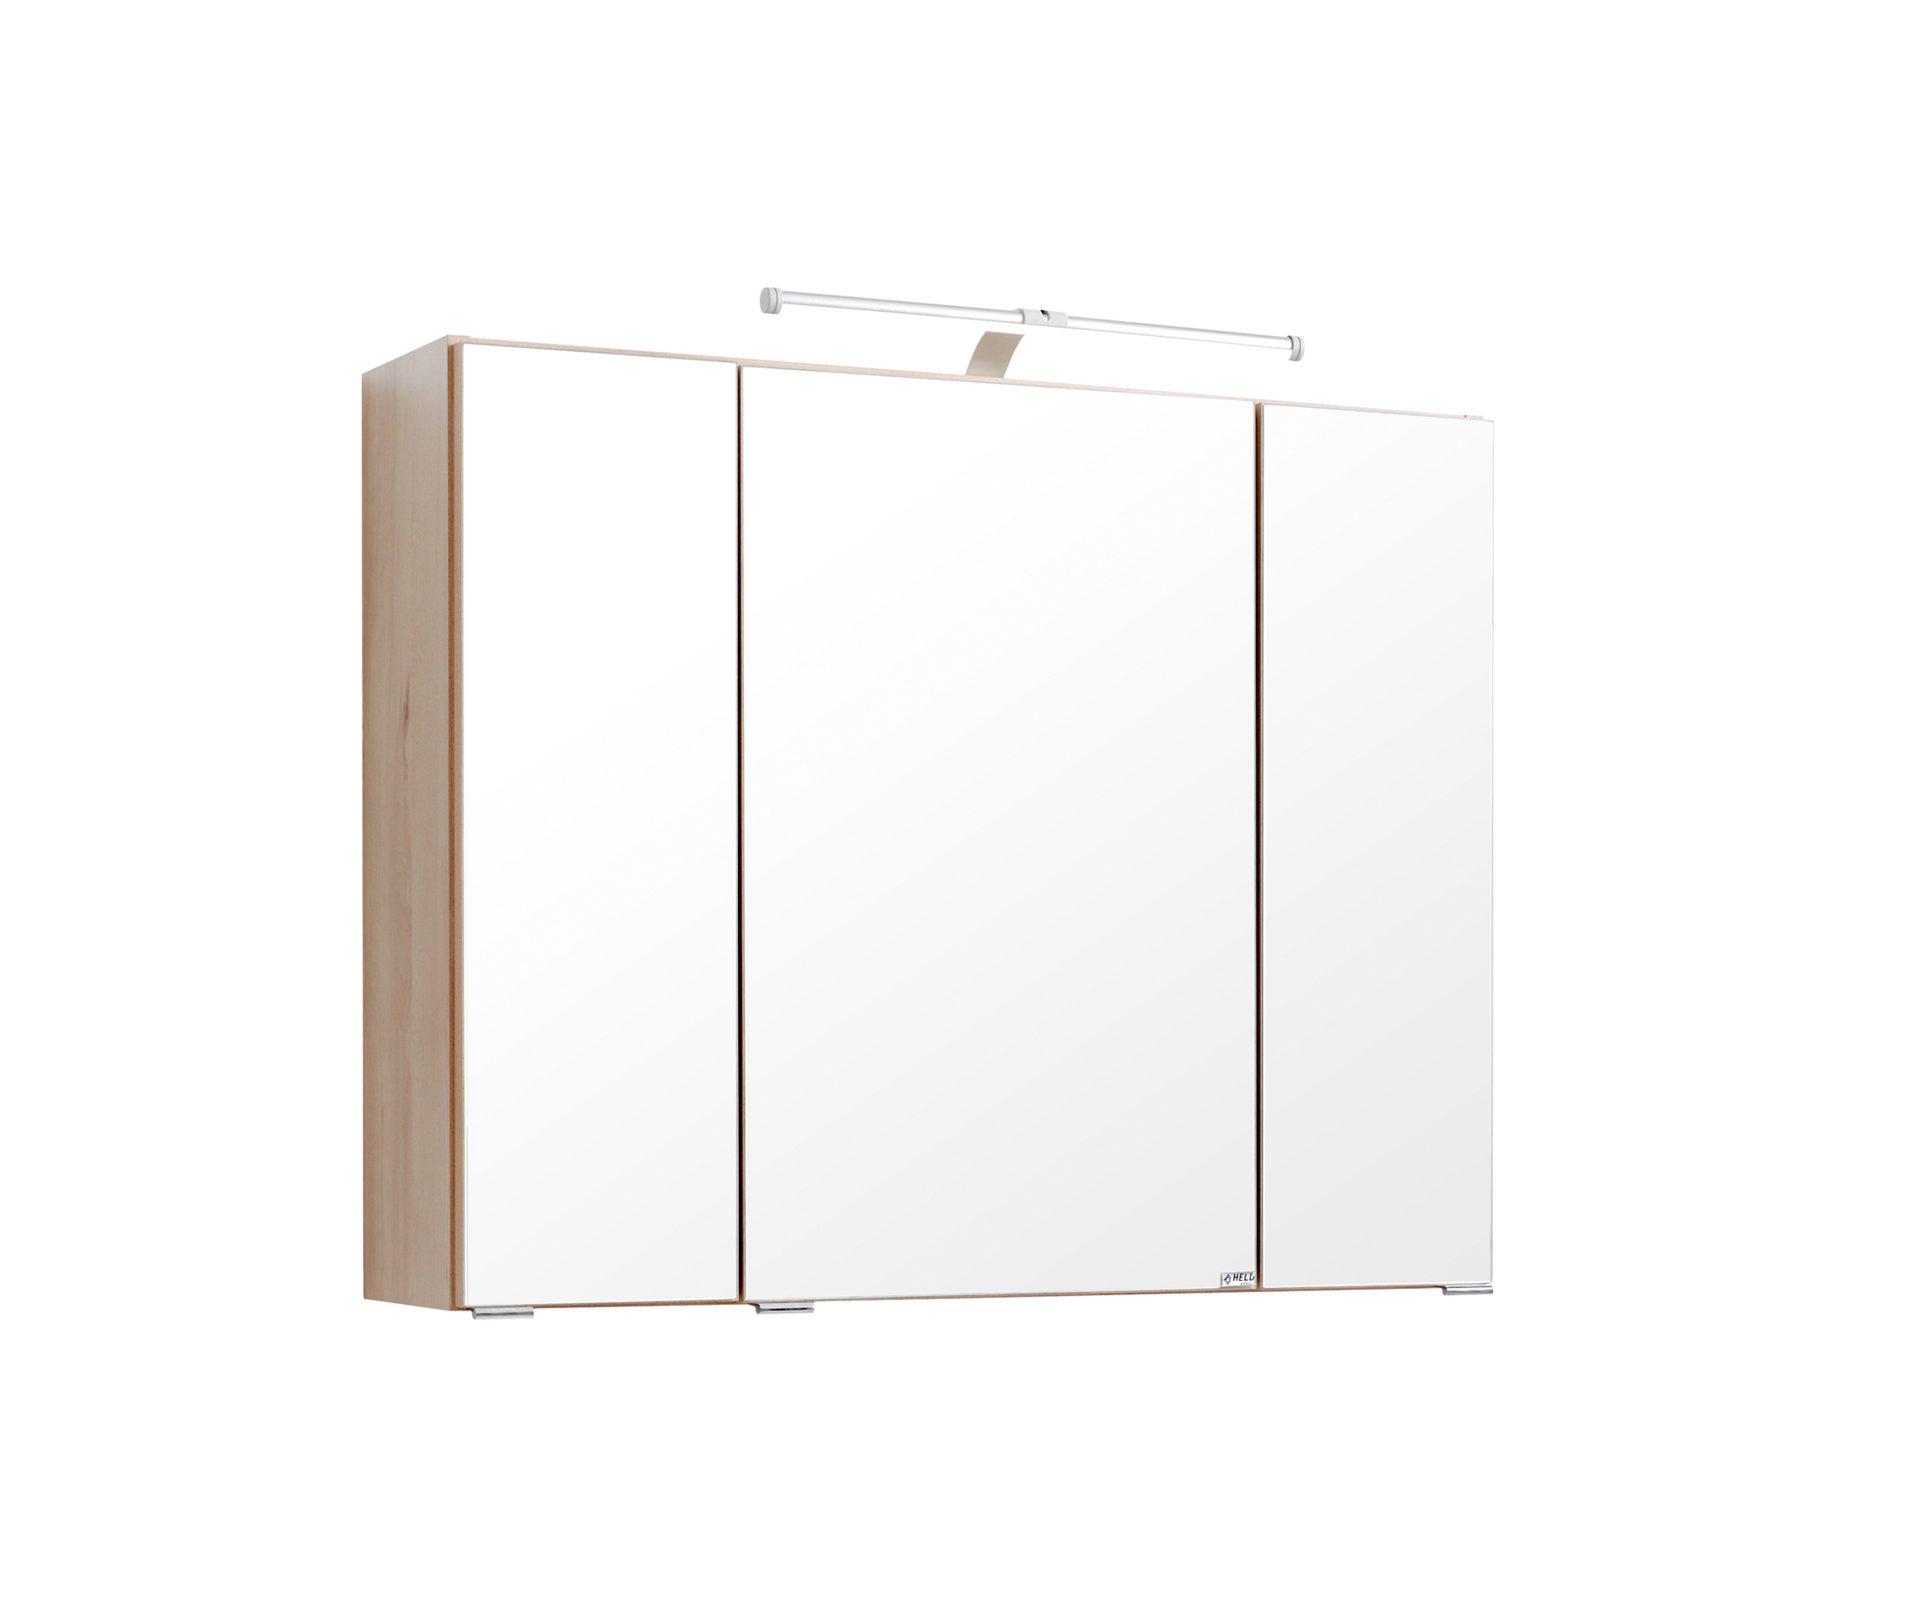 Möbel Brameyer , Räume, Badezimmer, ALLES Badezimmer ...